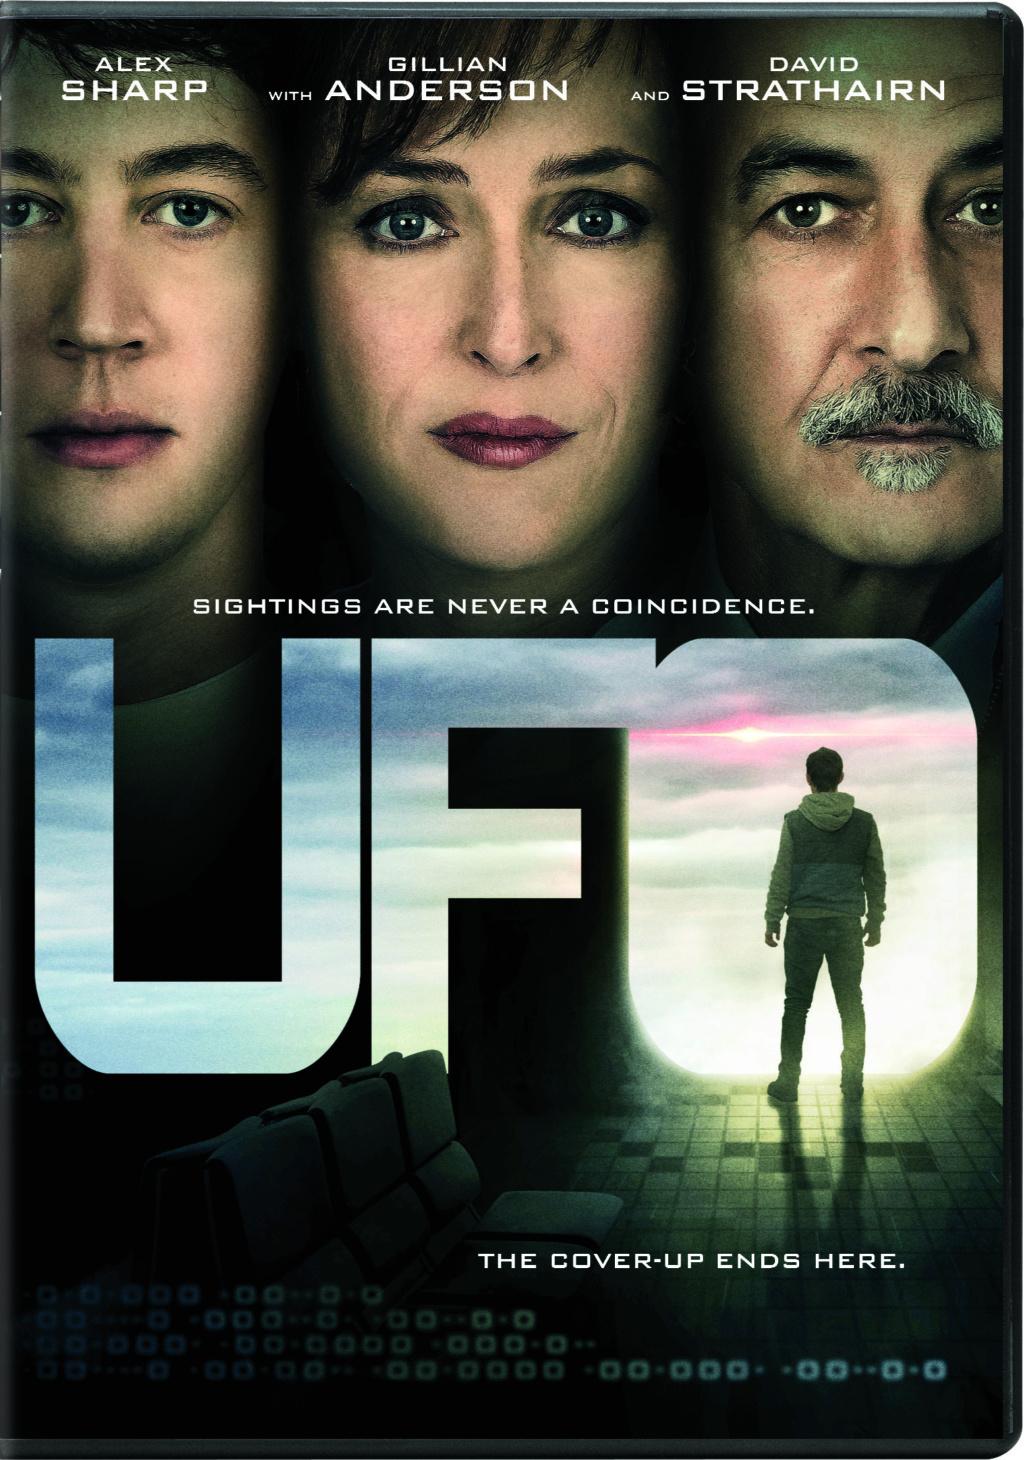 Les films sur le thème ovni et extraterrestres - Page 3 Ovni-s10